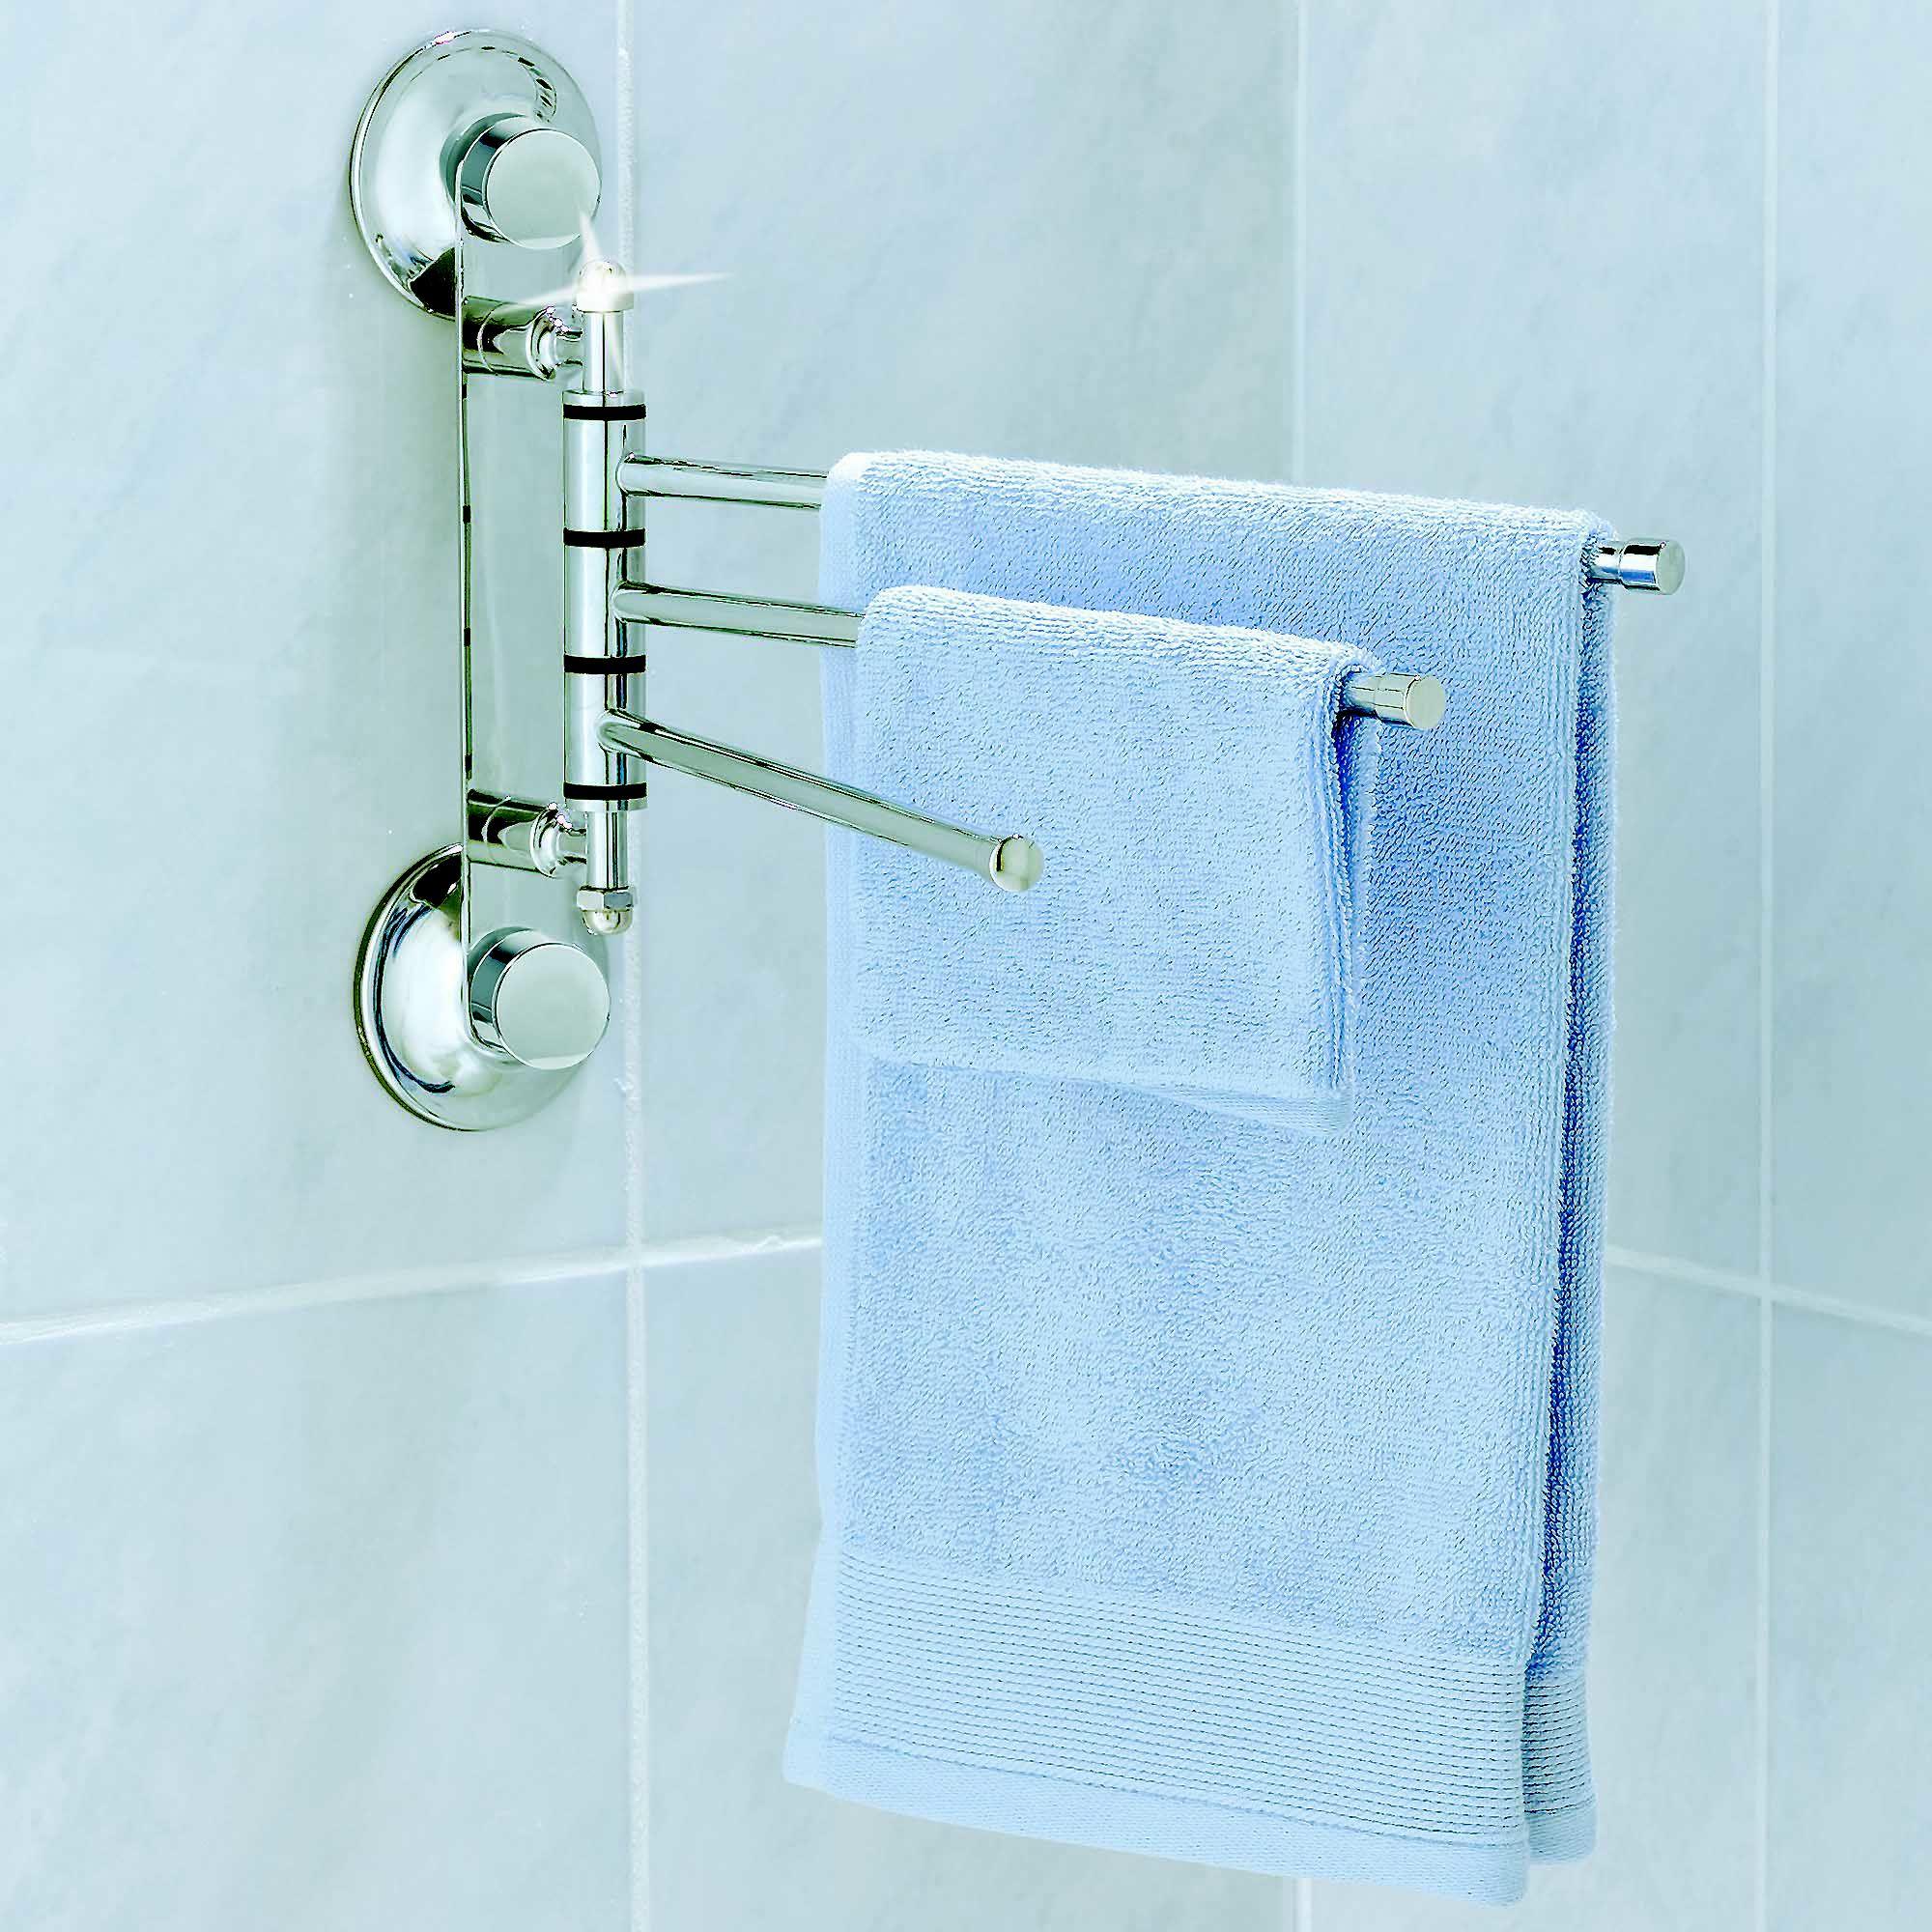 Accessori bagno a ventosa idee per il design della casa - Accessori bagno a ventosa ...